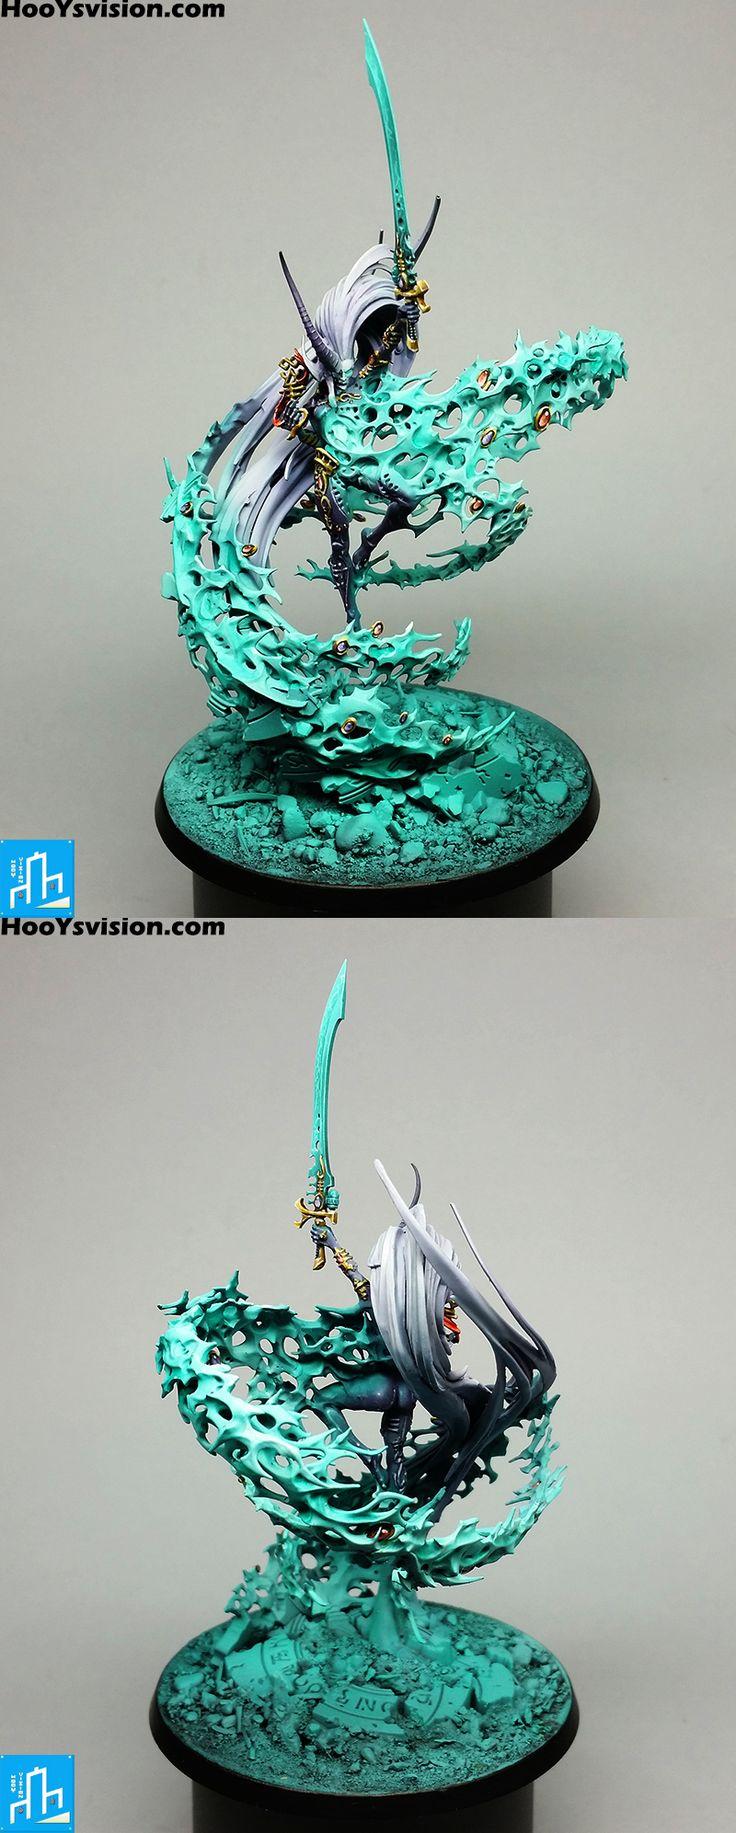 The Yncarne, Avatar of Ynnead